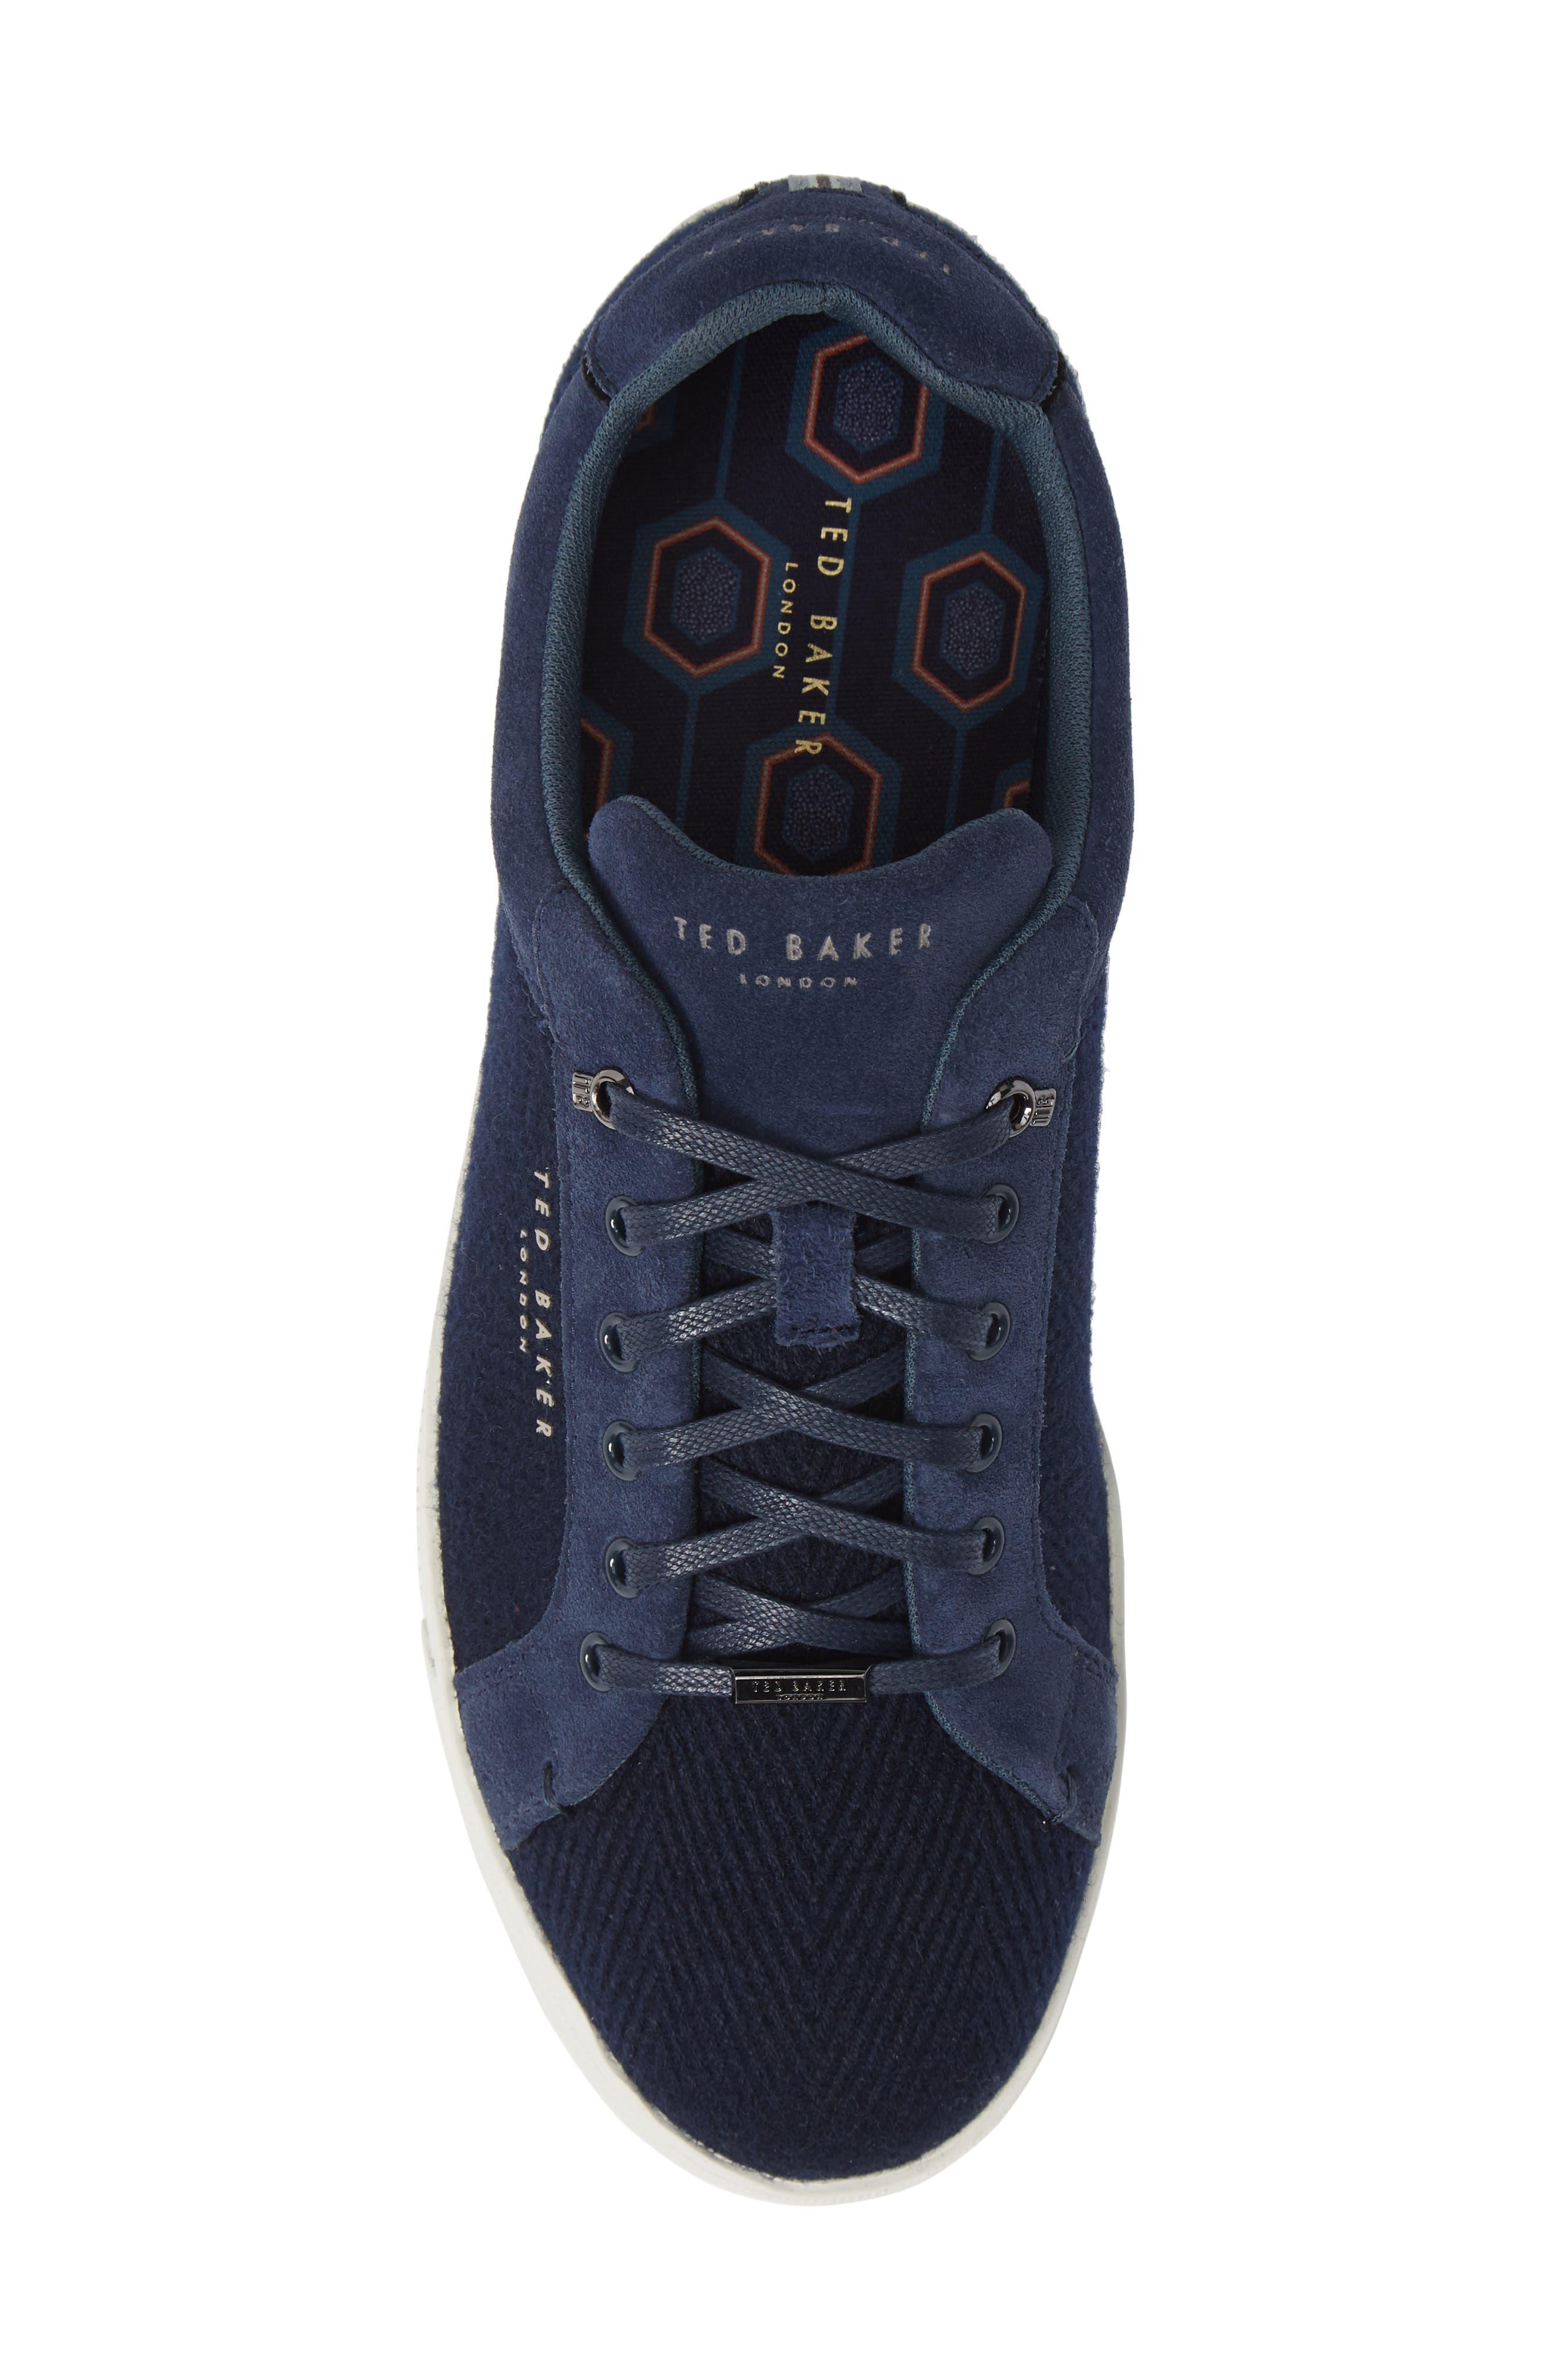 TED BAKER LONDON, Werill Sneaker, Alternate thumbnail 5, color, DARK BLUE WOOL